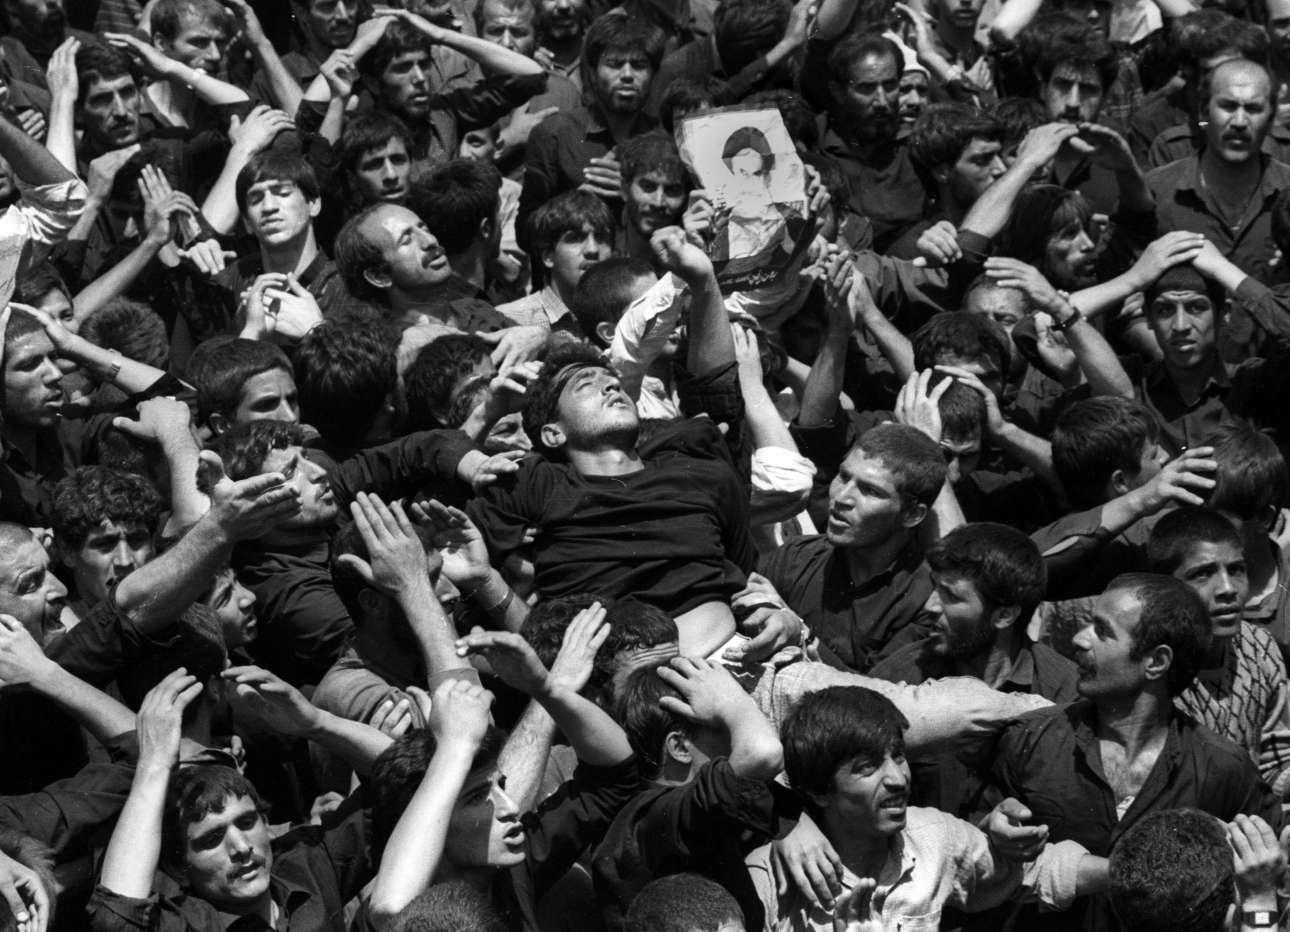 Το πλήθος στην Τεχεράνη κρατά στα χέρια του έναν άνδρα ενώ χιλιάδες περιμένουν να αποτίσουν ύστατο φόρο τιμής στον Αγιατολάχ Χομεϊνί μετά τον θάνατό του τον Ιούνιο του 1989